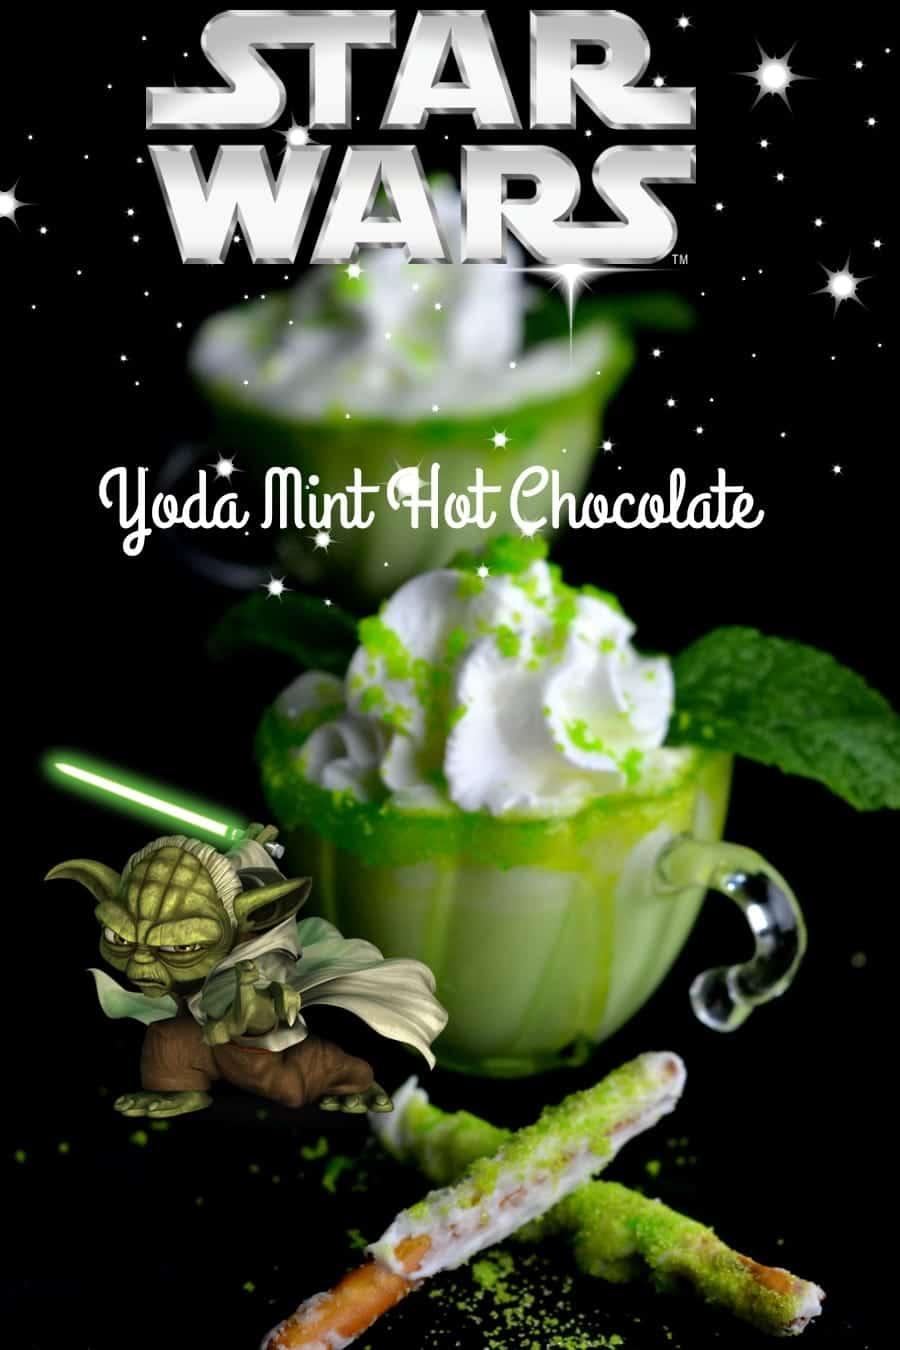 yodahotchocolate